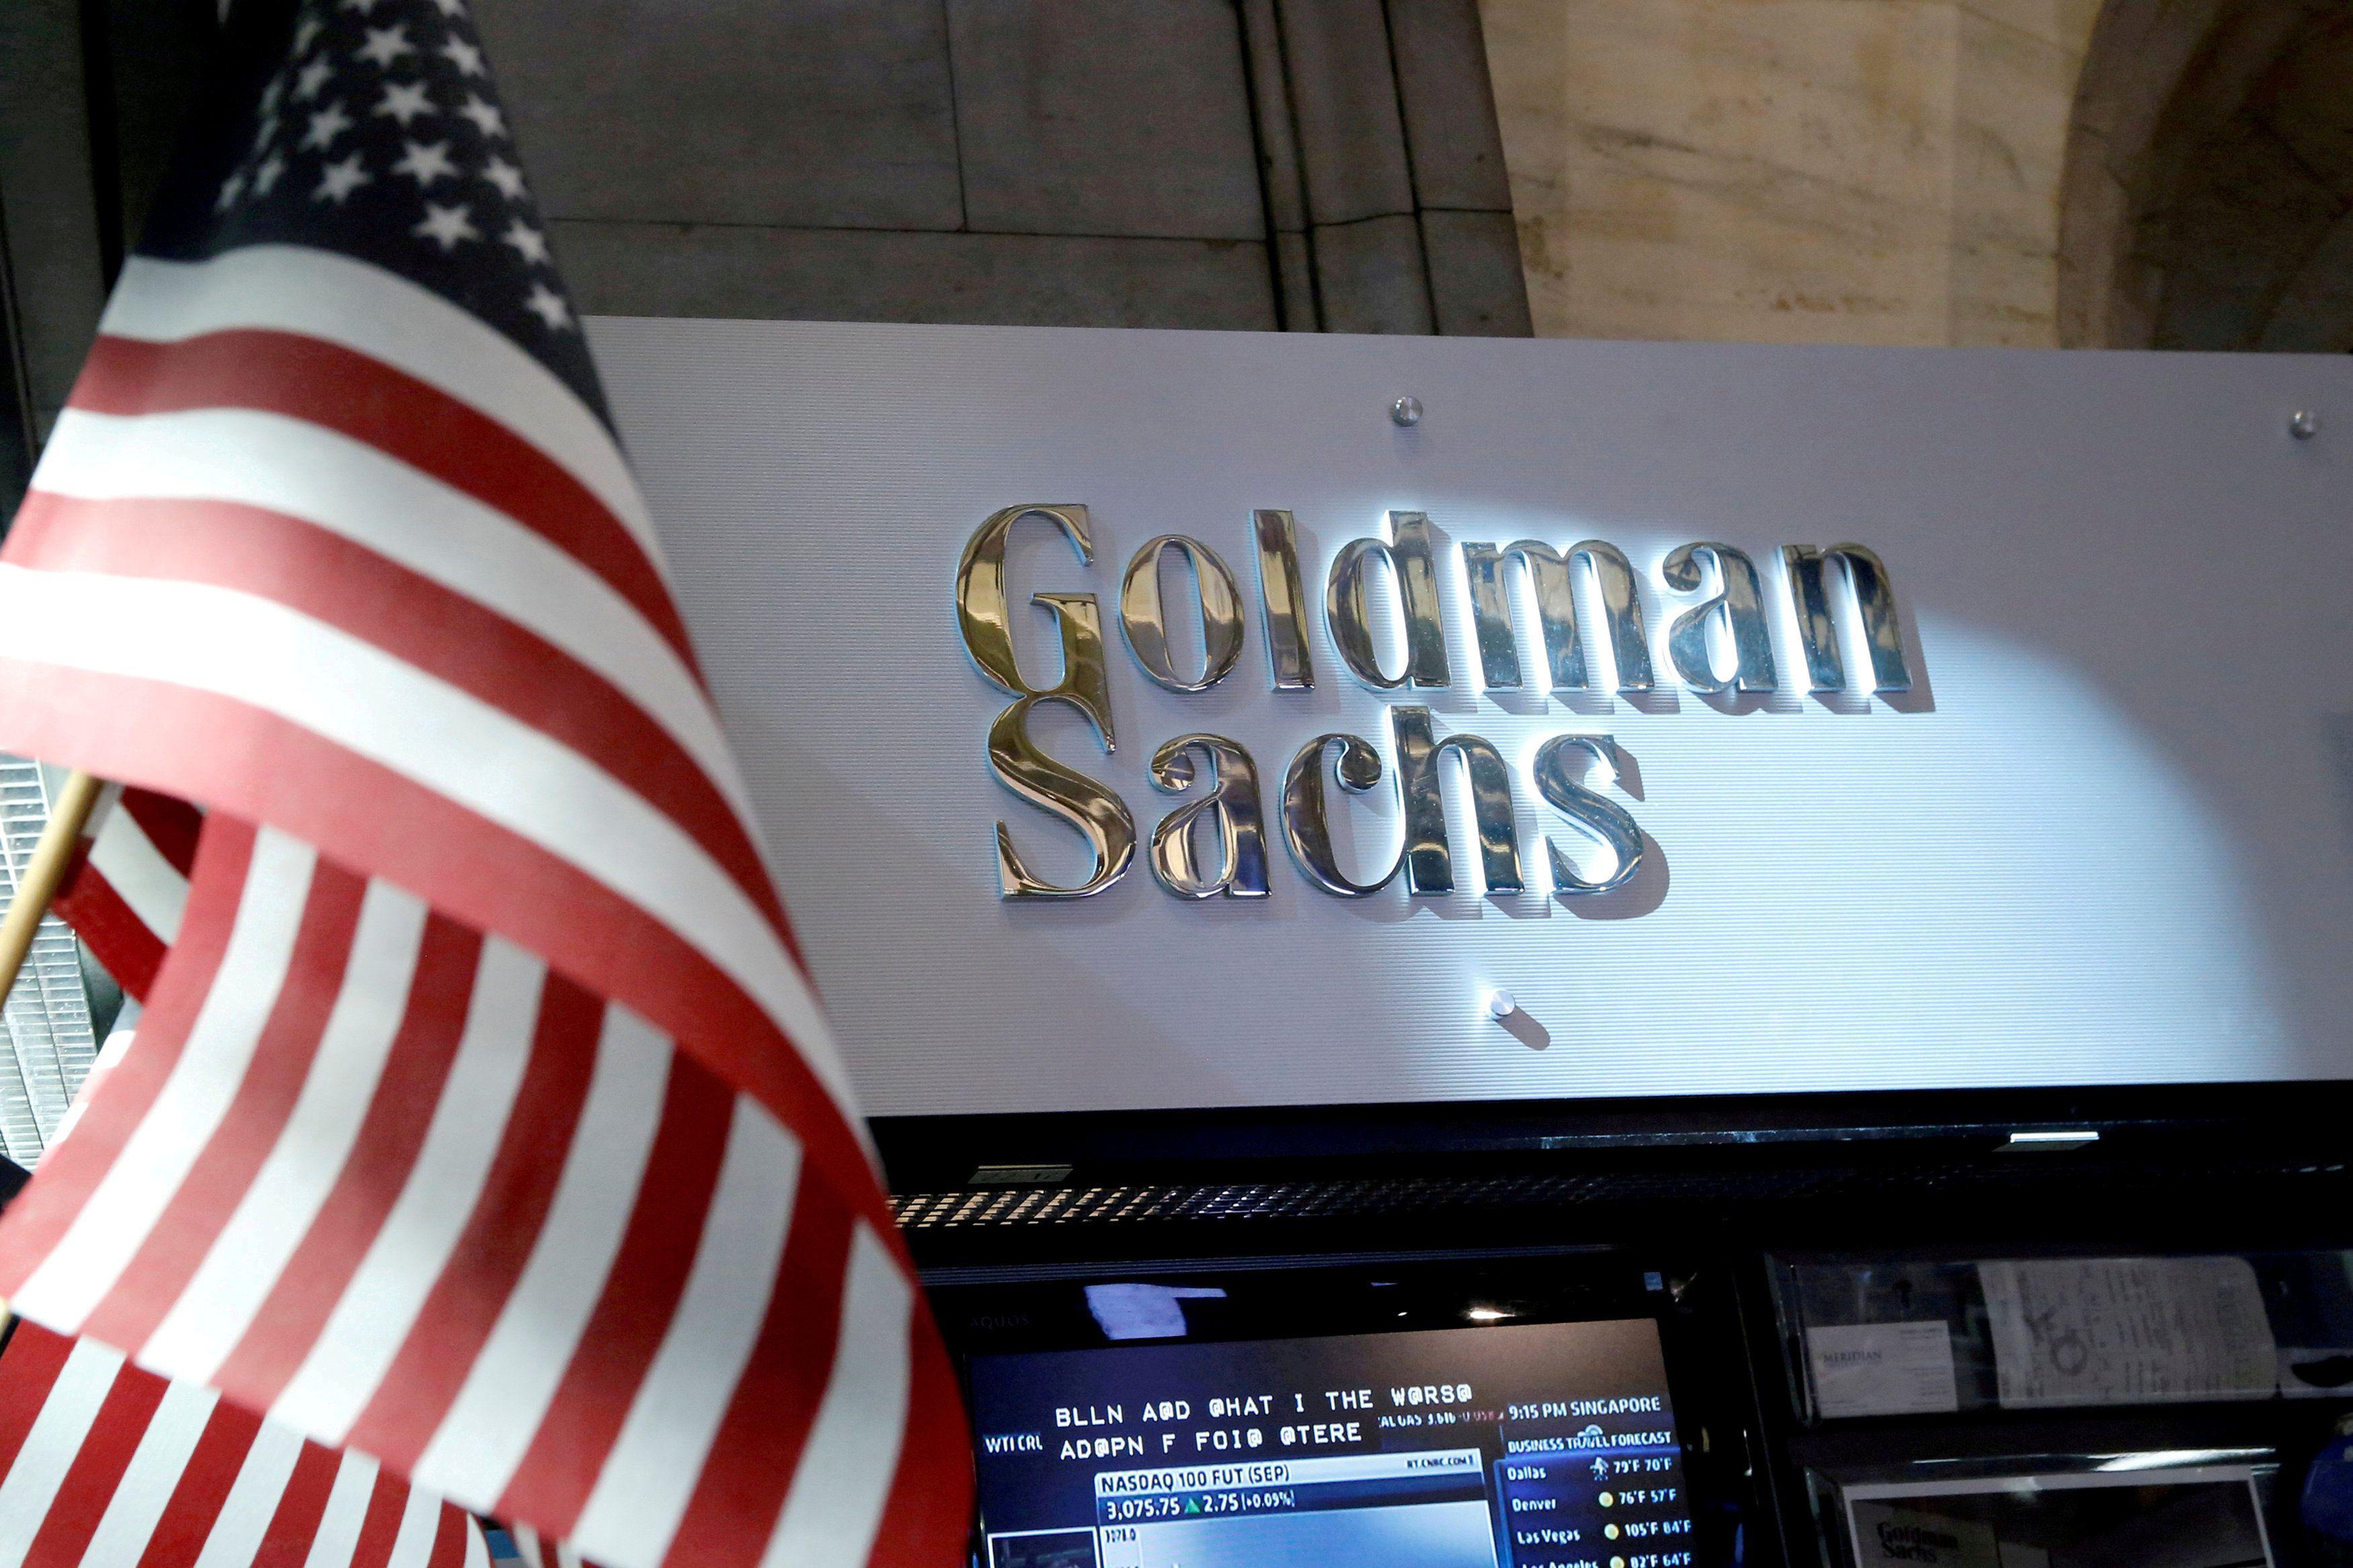 غولدمان ساكس يحذر من ركود محتمل بسبب الحرب التجارية بين الصين وأمريكا